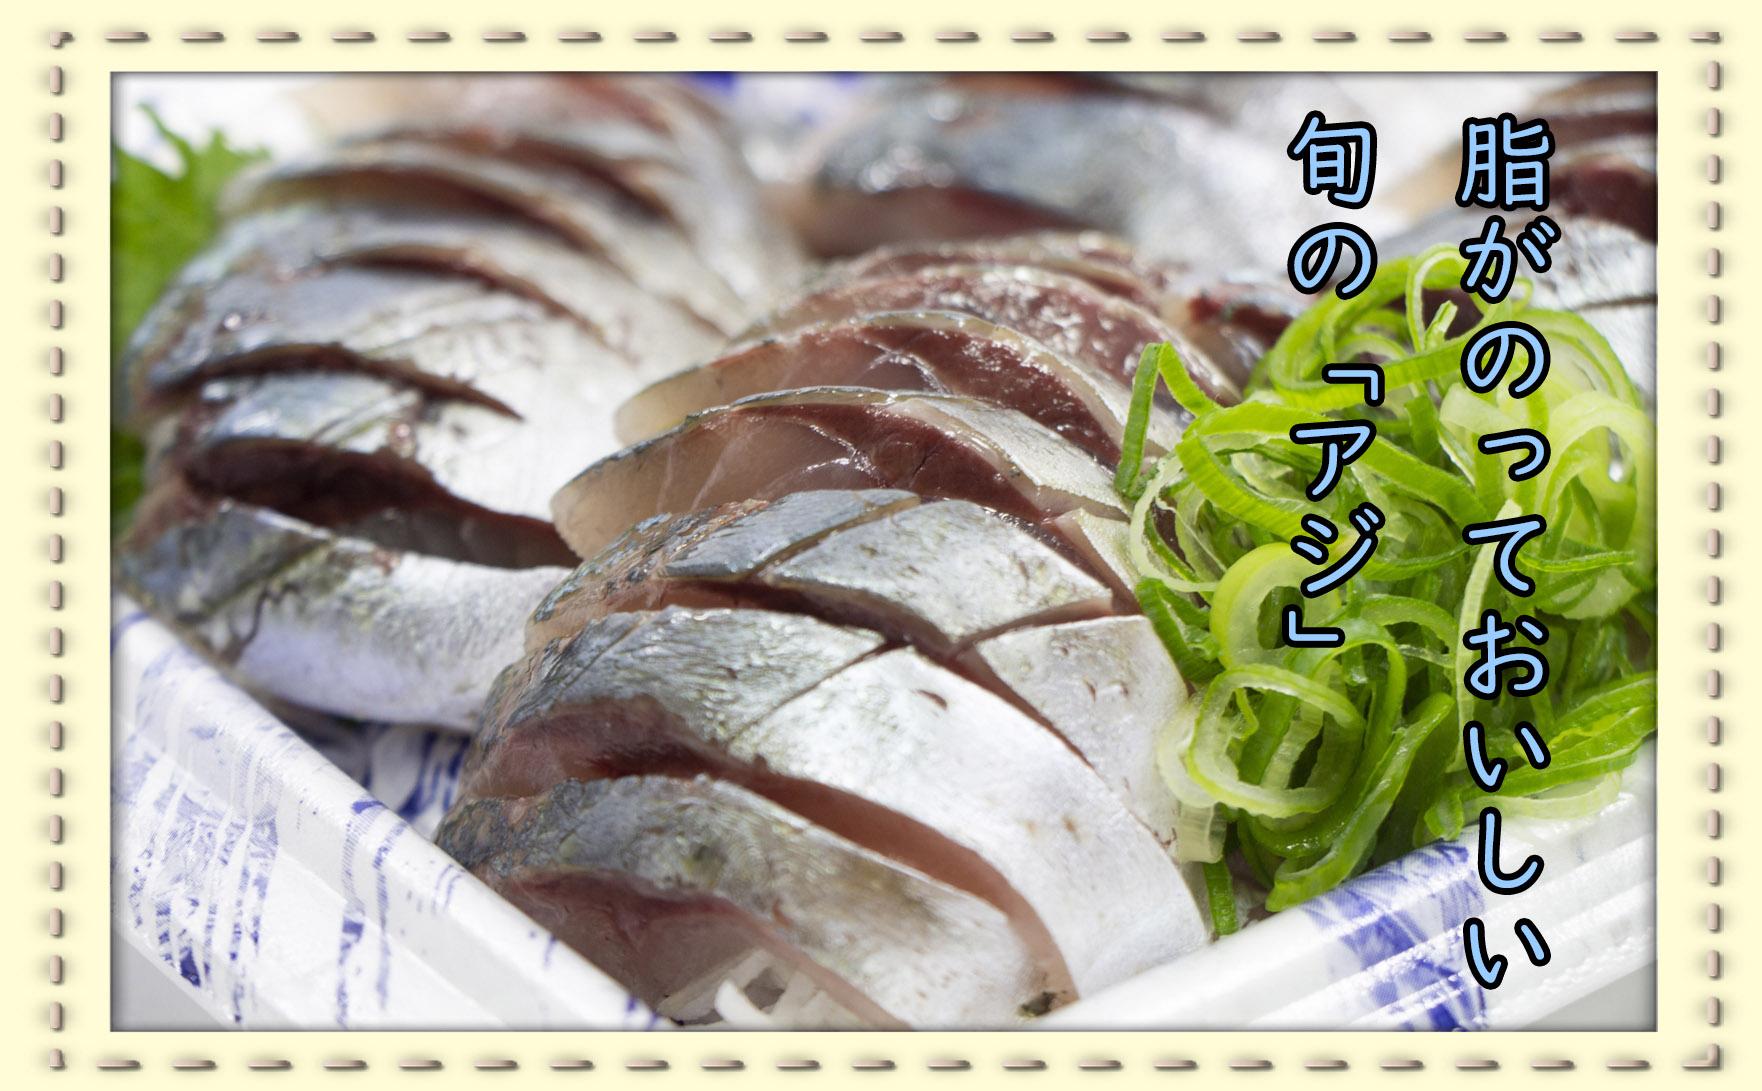 青魚の代表格!アジを食べよう!